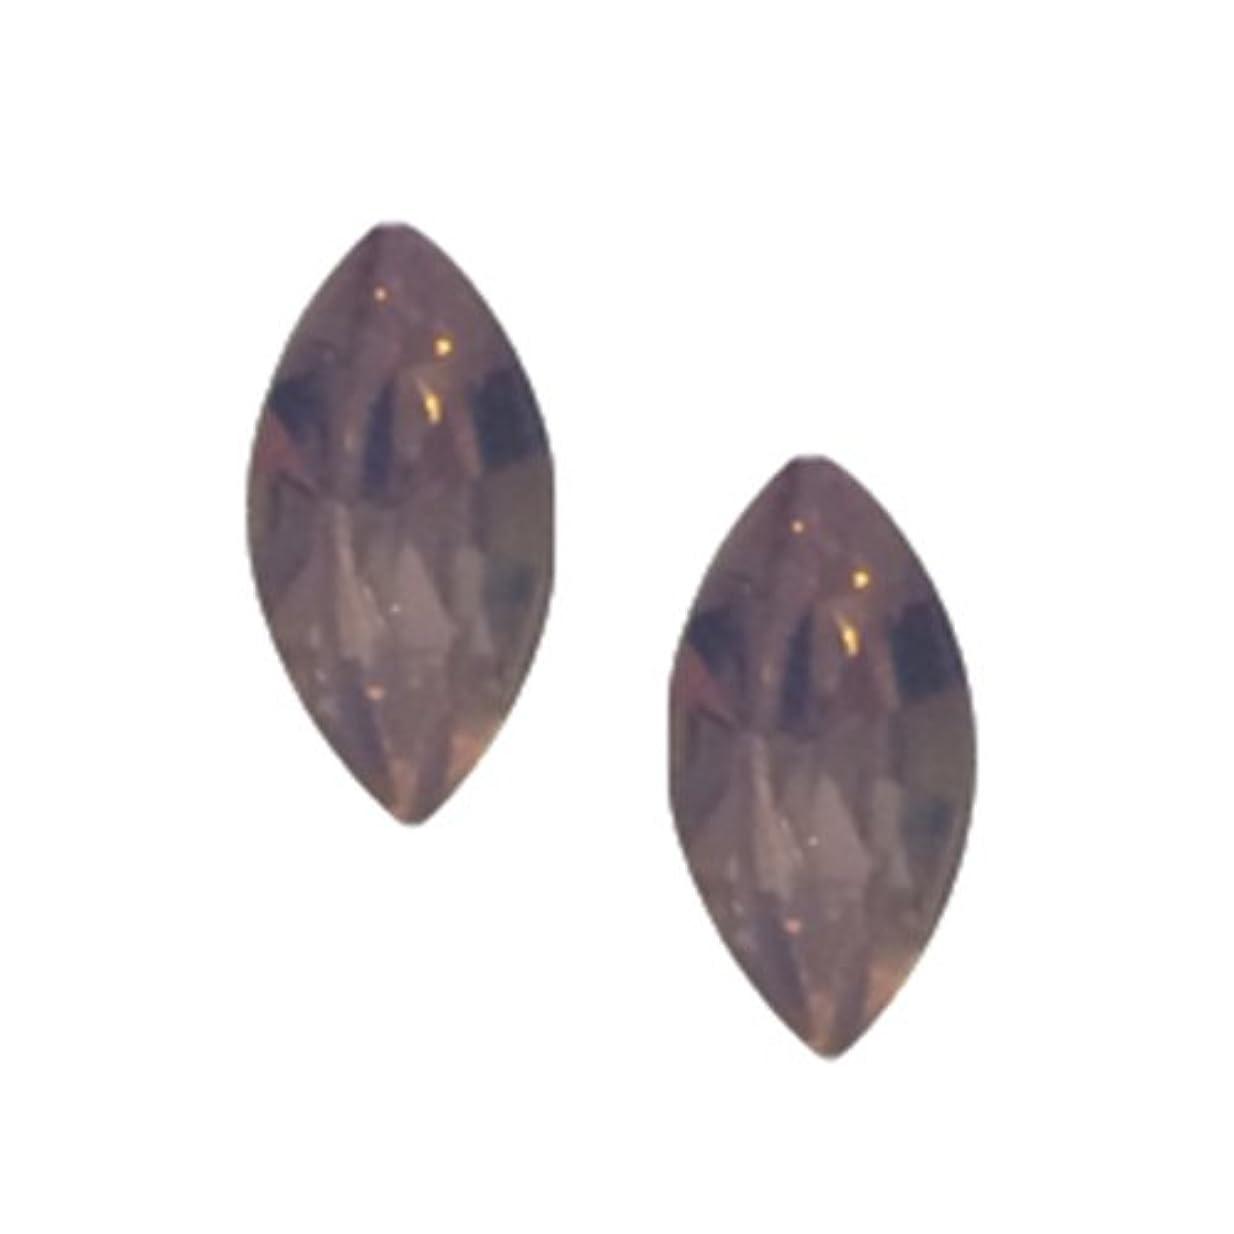 ガロン占める送るPOSH ART ネイルパーツ馬眼型 3*6mm 10P ピンクオパール